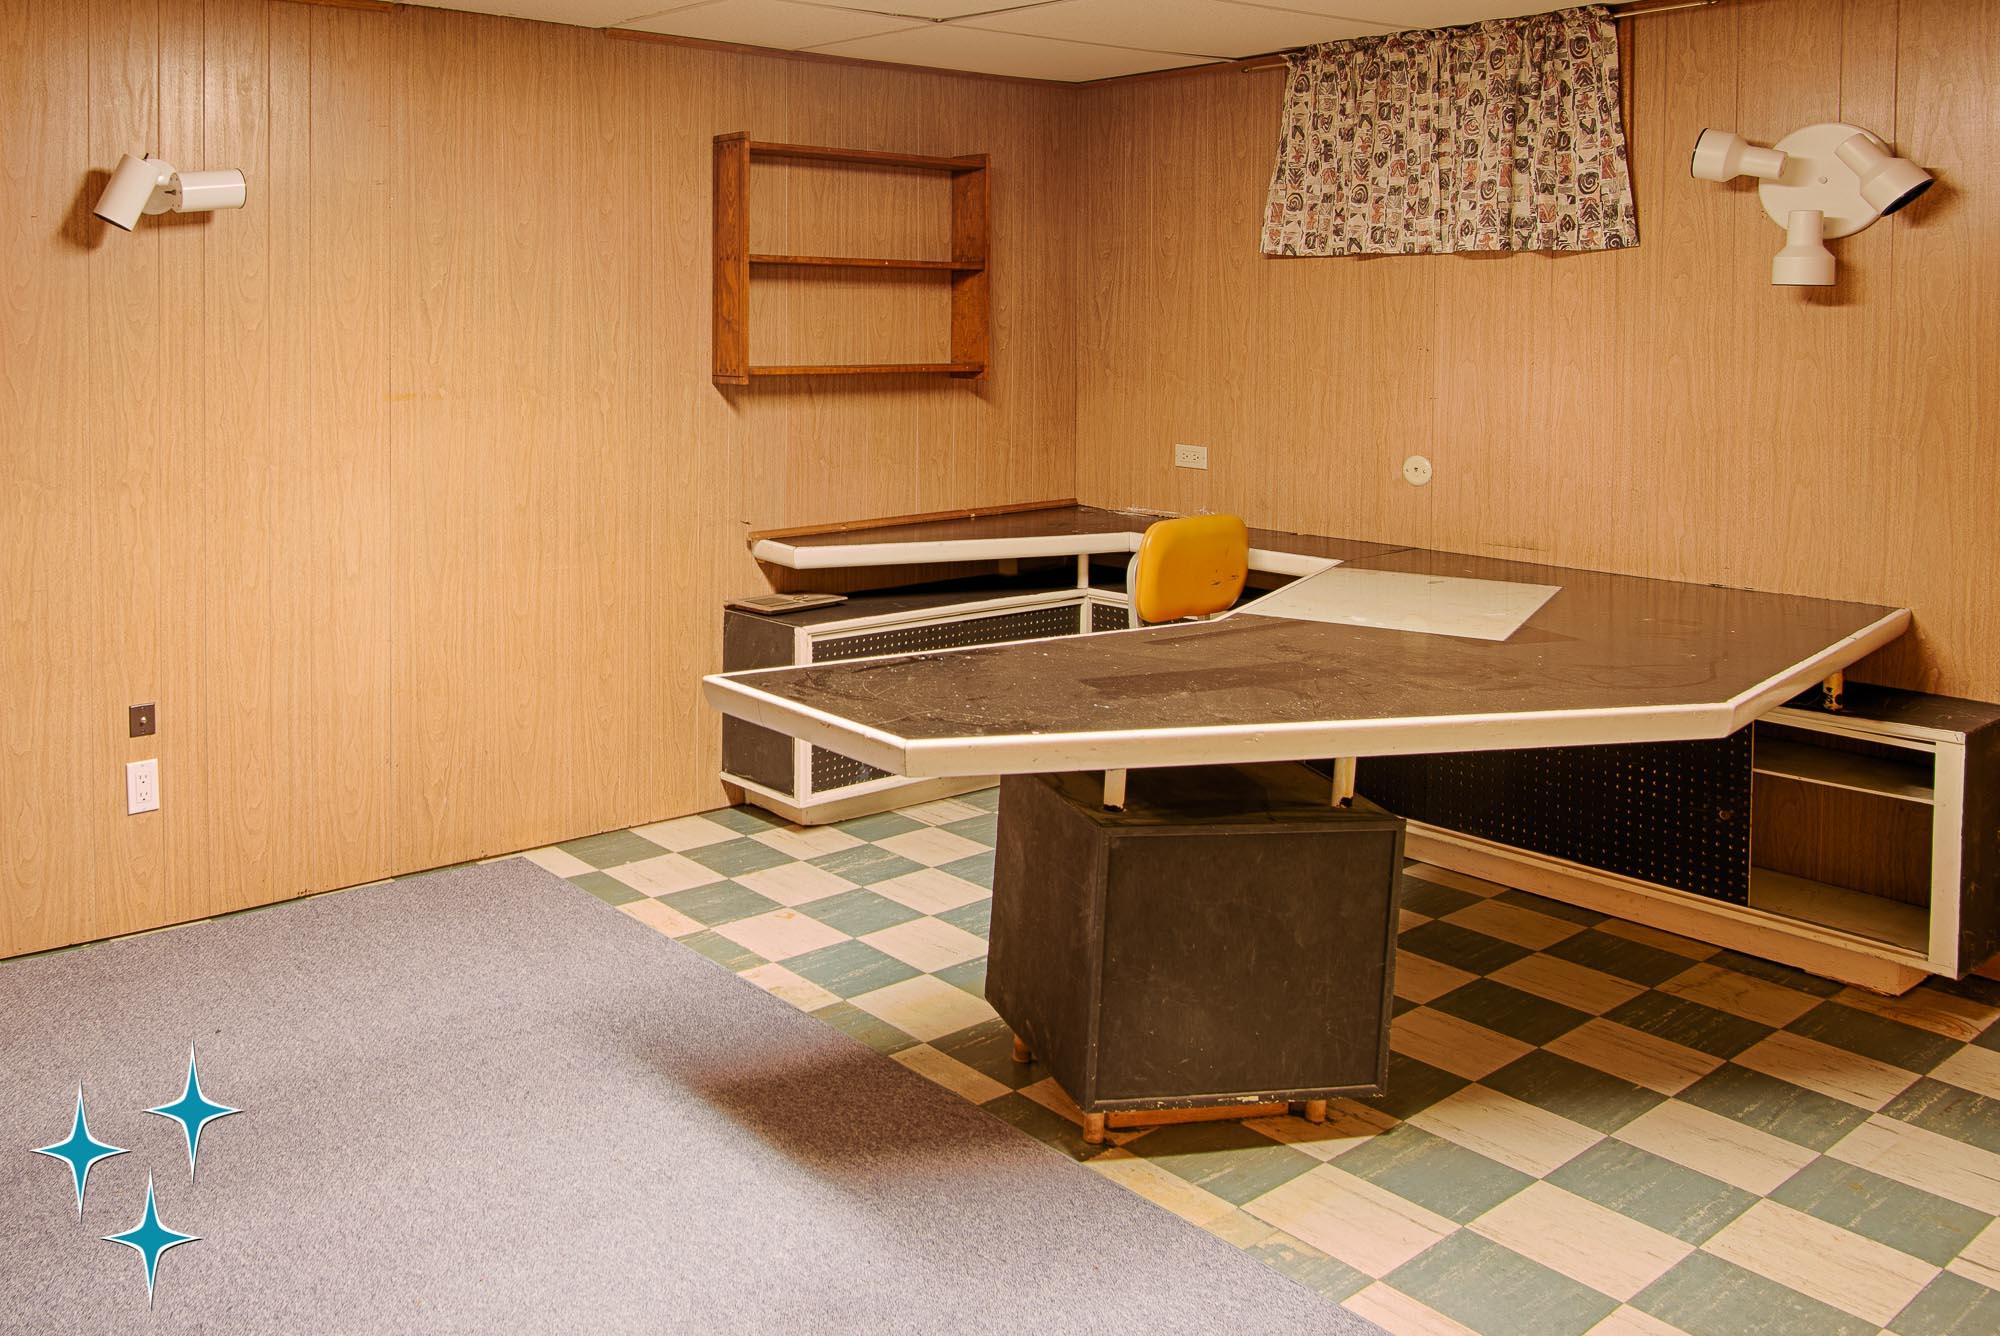 Adrian-Kinney-4155-W-Iliff-Avenue-Denver-r-Carey-Holiday-Home-2000w50-3SWM-46.jpg